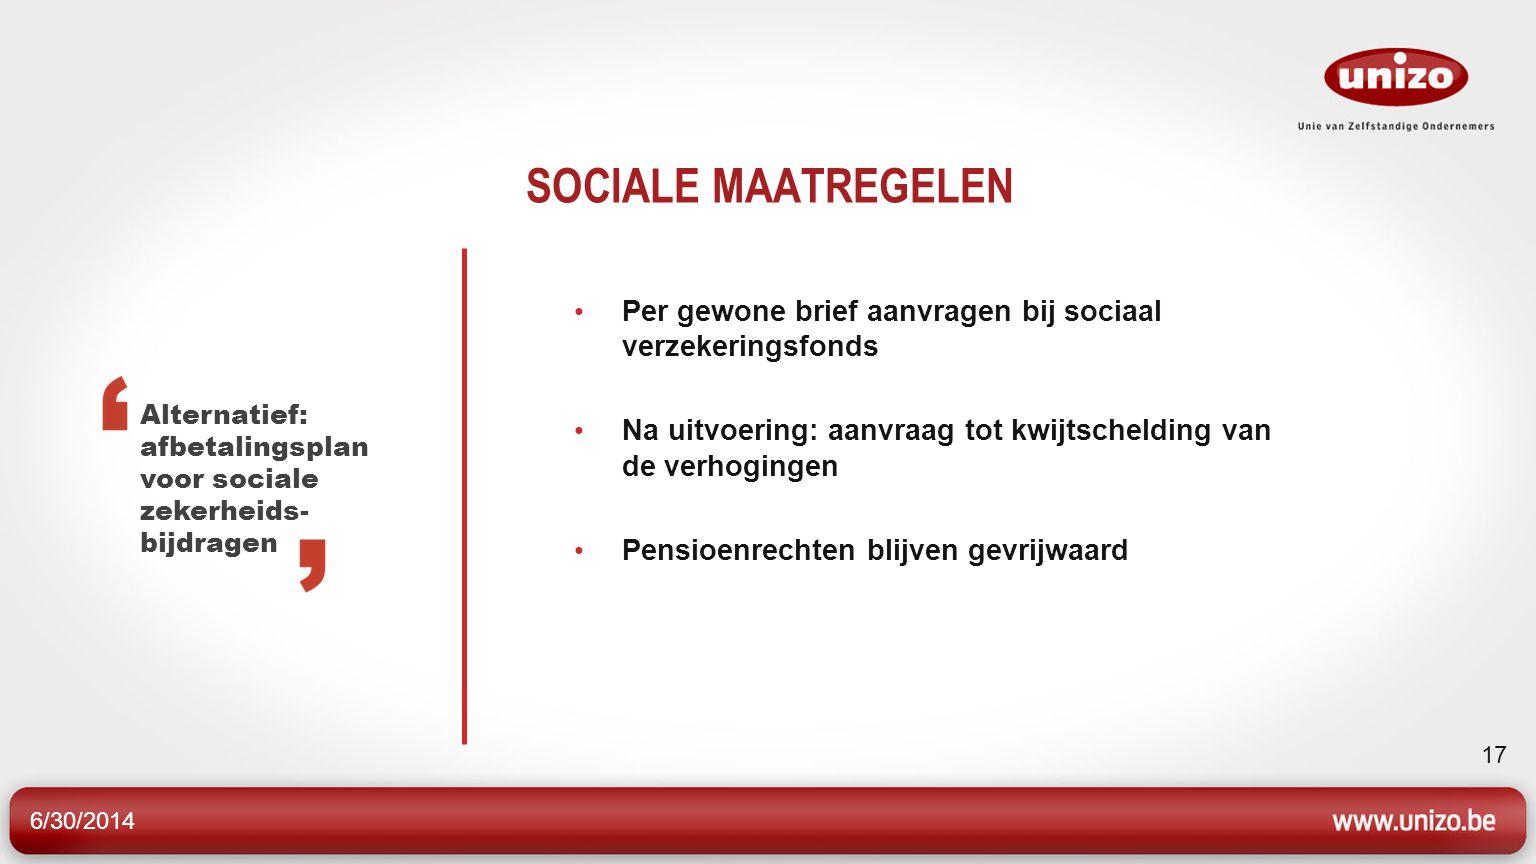 6/30/2014 17 SOCIALE MAATREGELEN • Per gewone brief aanvragen bij sociaal verzekeringsfonds • Na uitvoering: aanvraag tot kwijtschelding van de verhogingen • Pensioenrechten blijven gevrijwaard Alternatief: afbetalingsplan voor sociale zekerheids- bijdragen